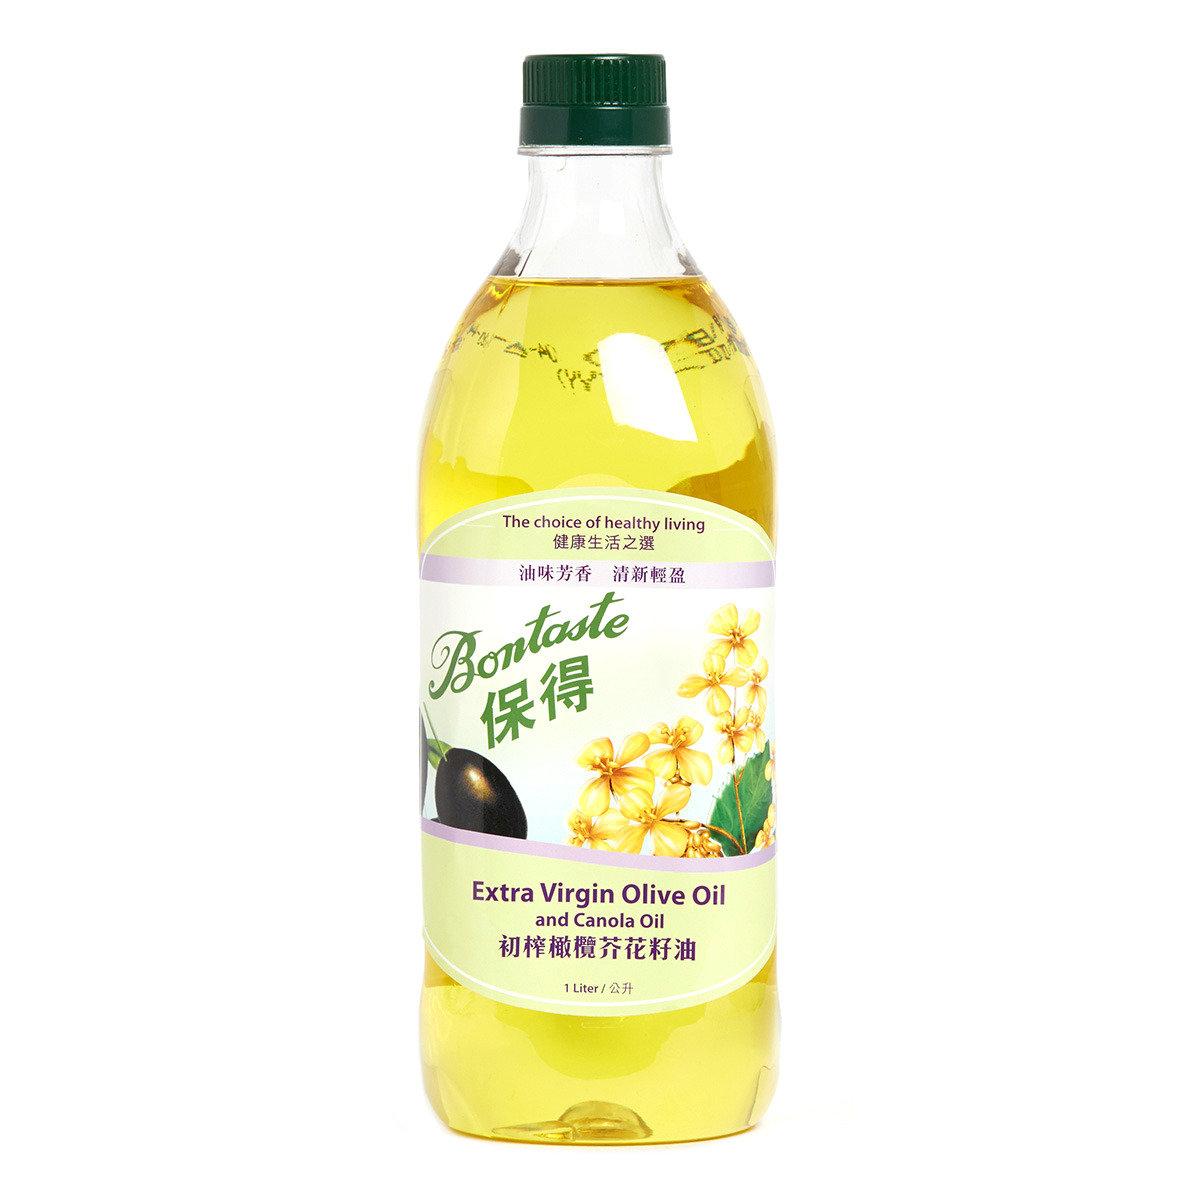 初榨橄欖芥花籽油